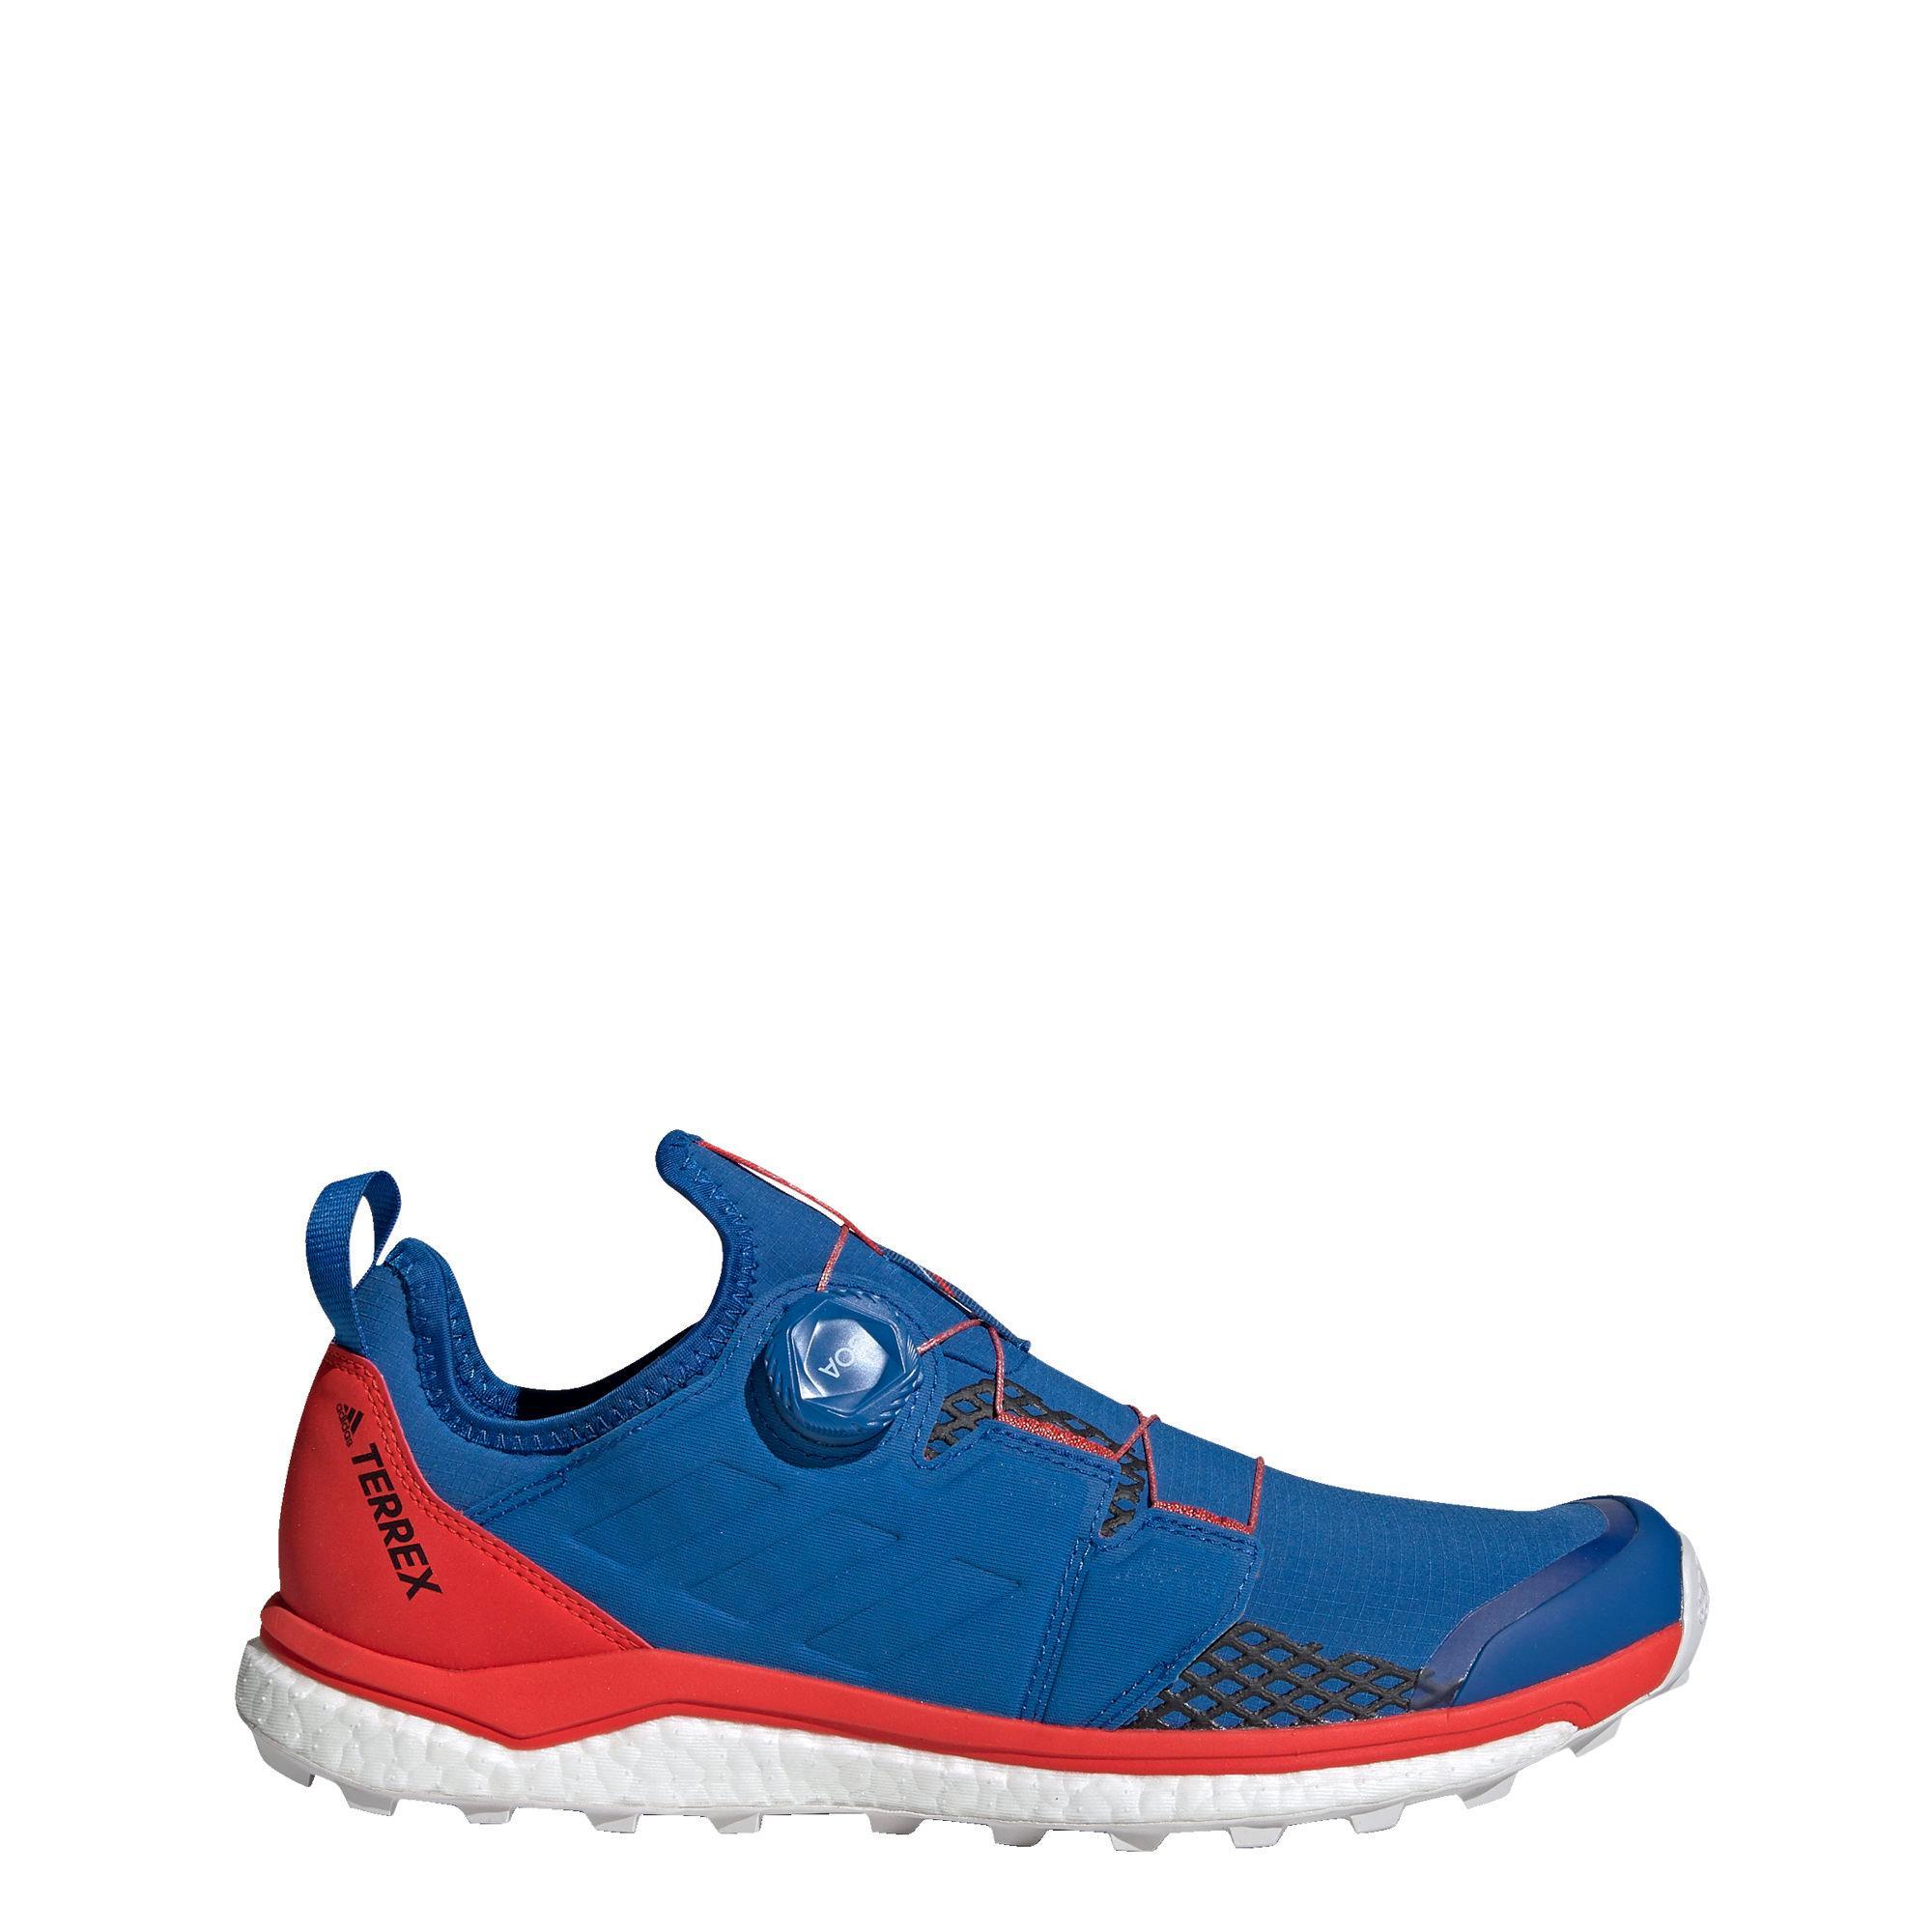 adidas TERREX Agravic Boa Schuh Wanderschuhe Herren Blue Beauty Core Black Active Red im Online Shop von SportScheck kaufen